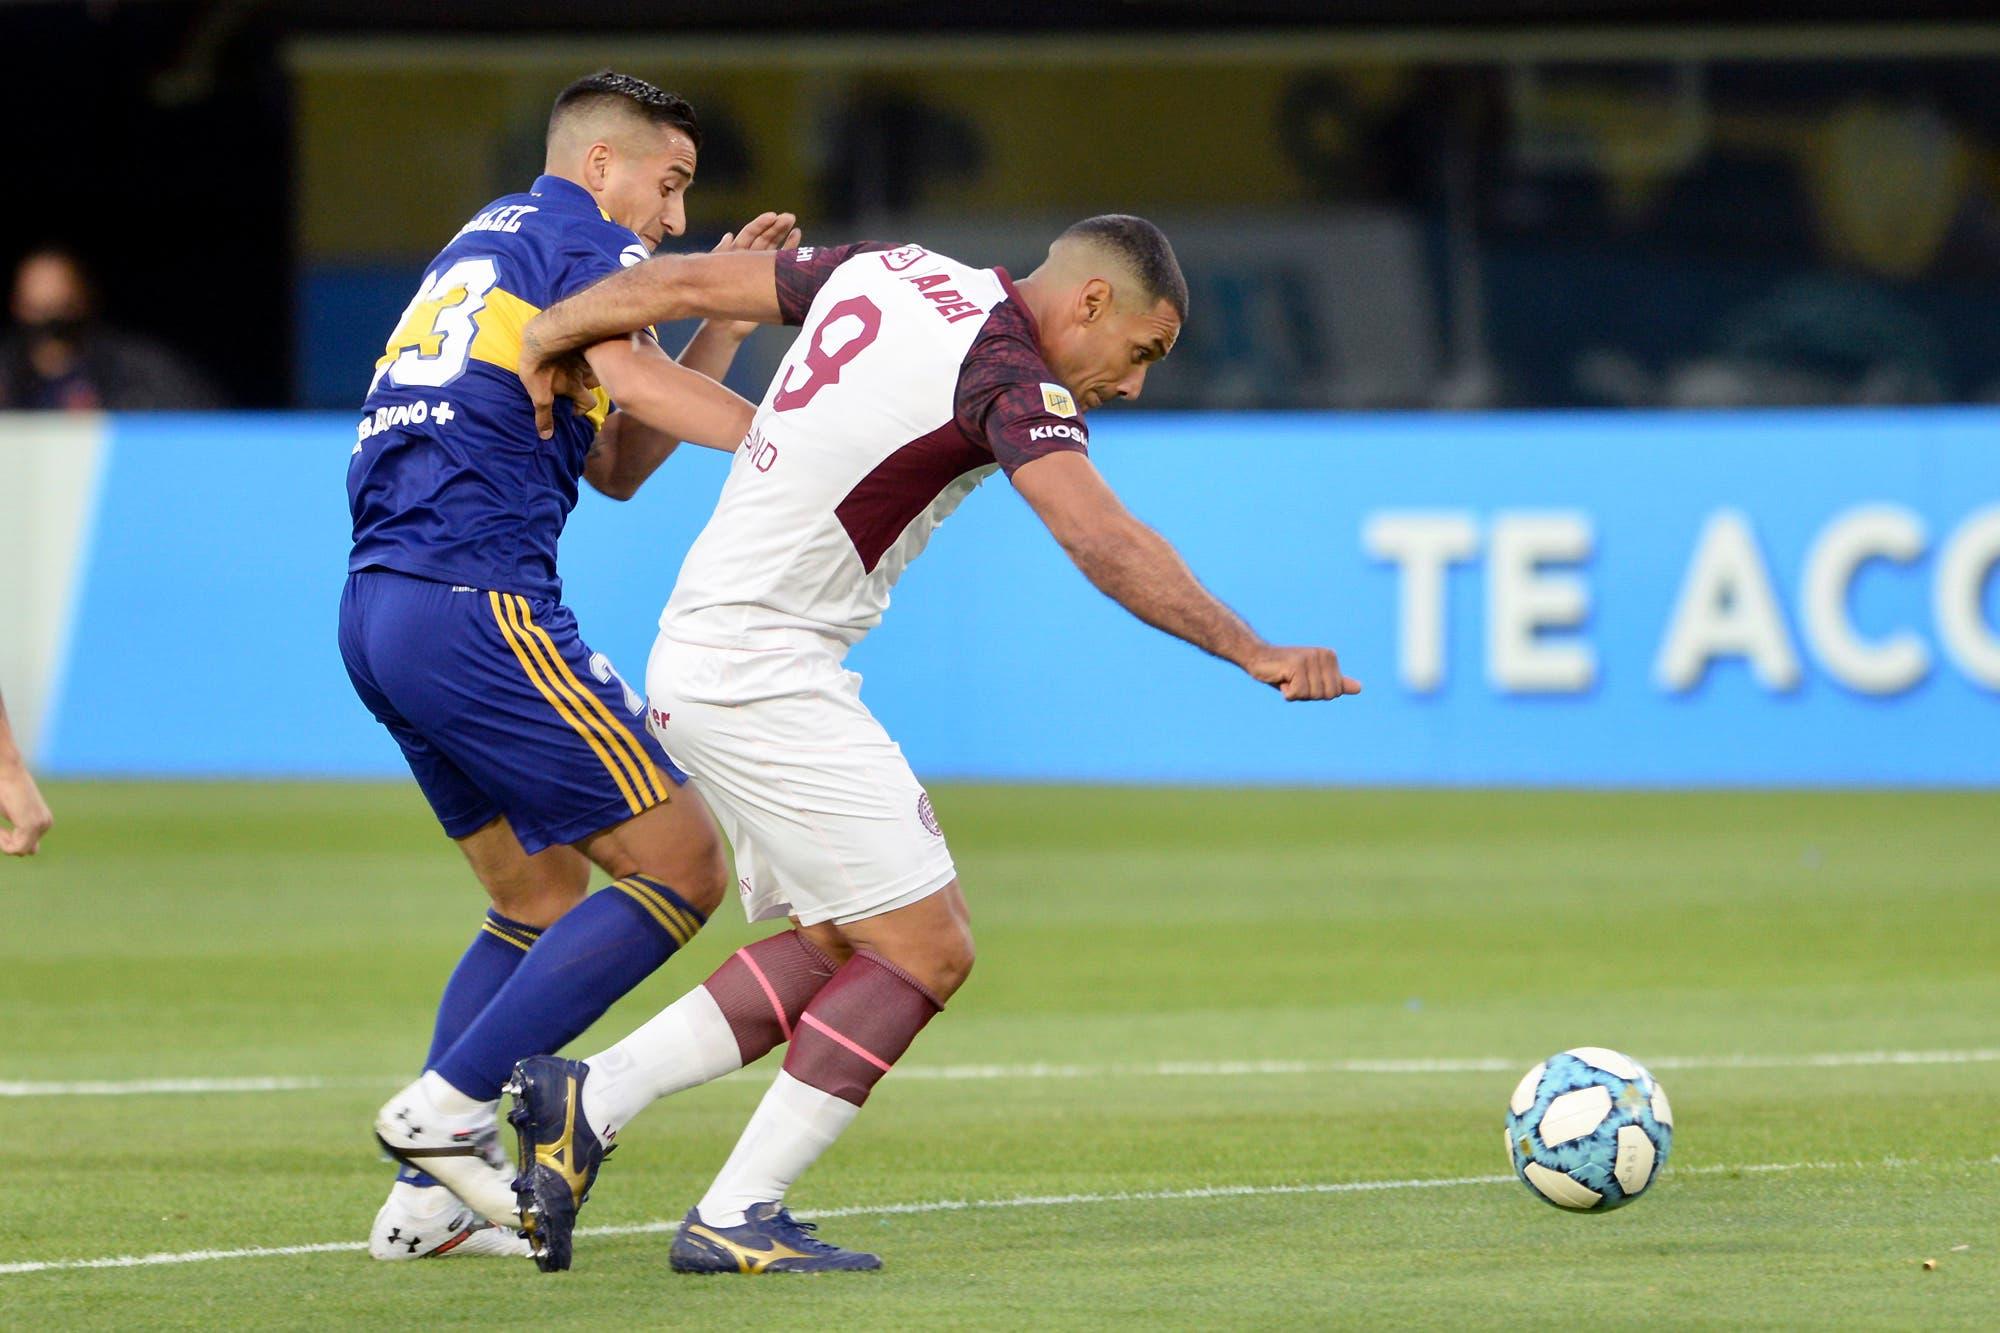 Boca-Lanús: con la vuelta de Zárate, el Xeneize pierde 2 a 0 con el Granate en la Bombonera